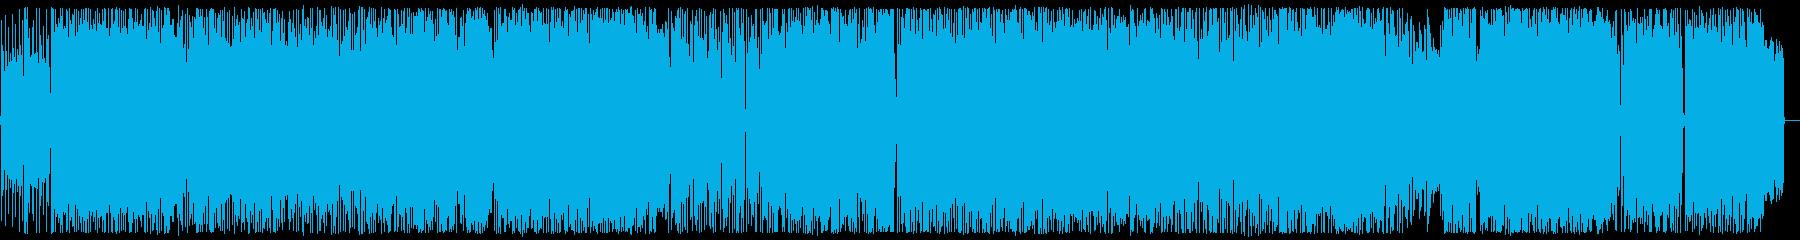 ノリがよく軽快なロックンロールの再生済みの波形